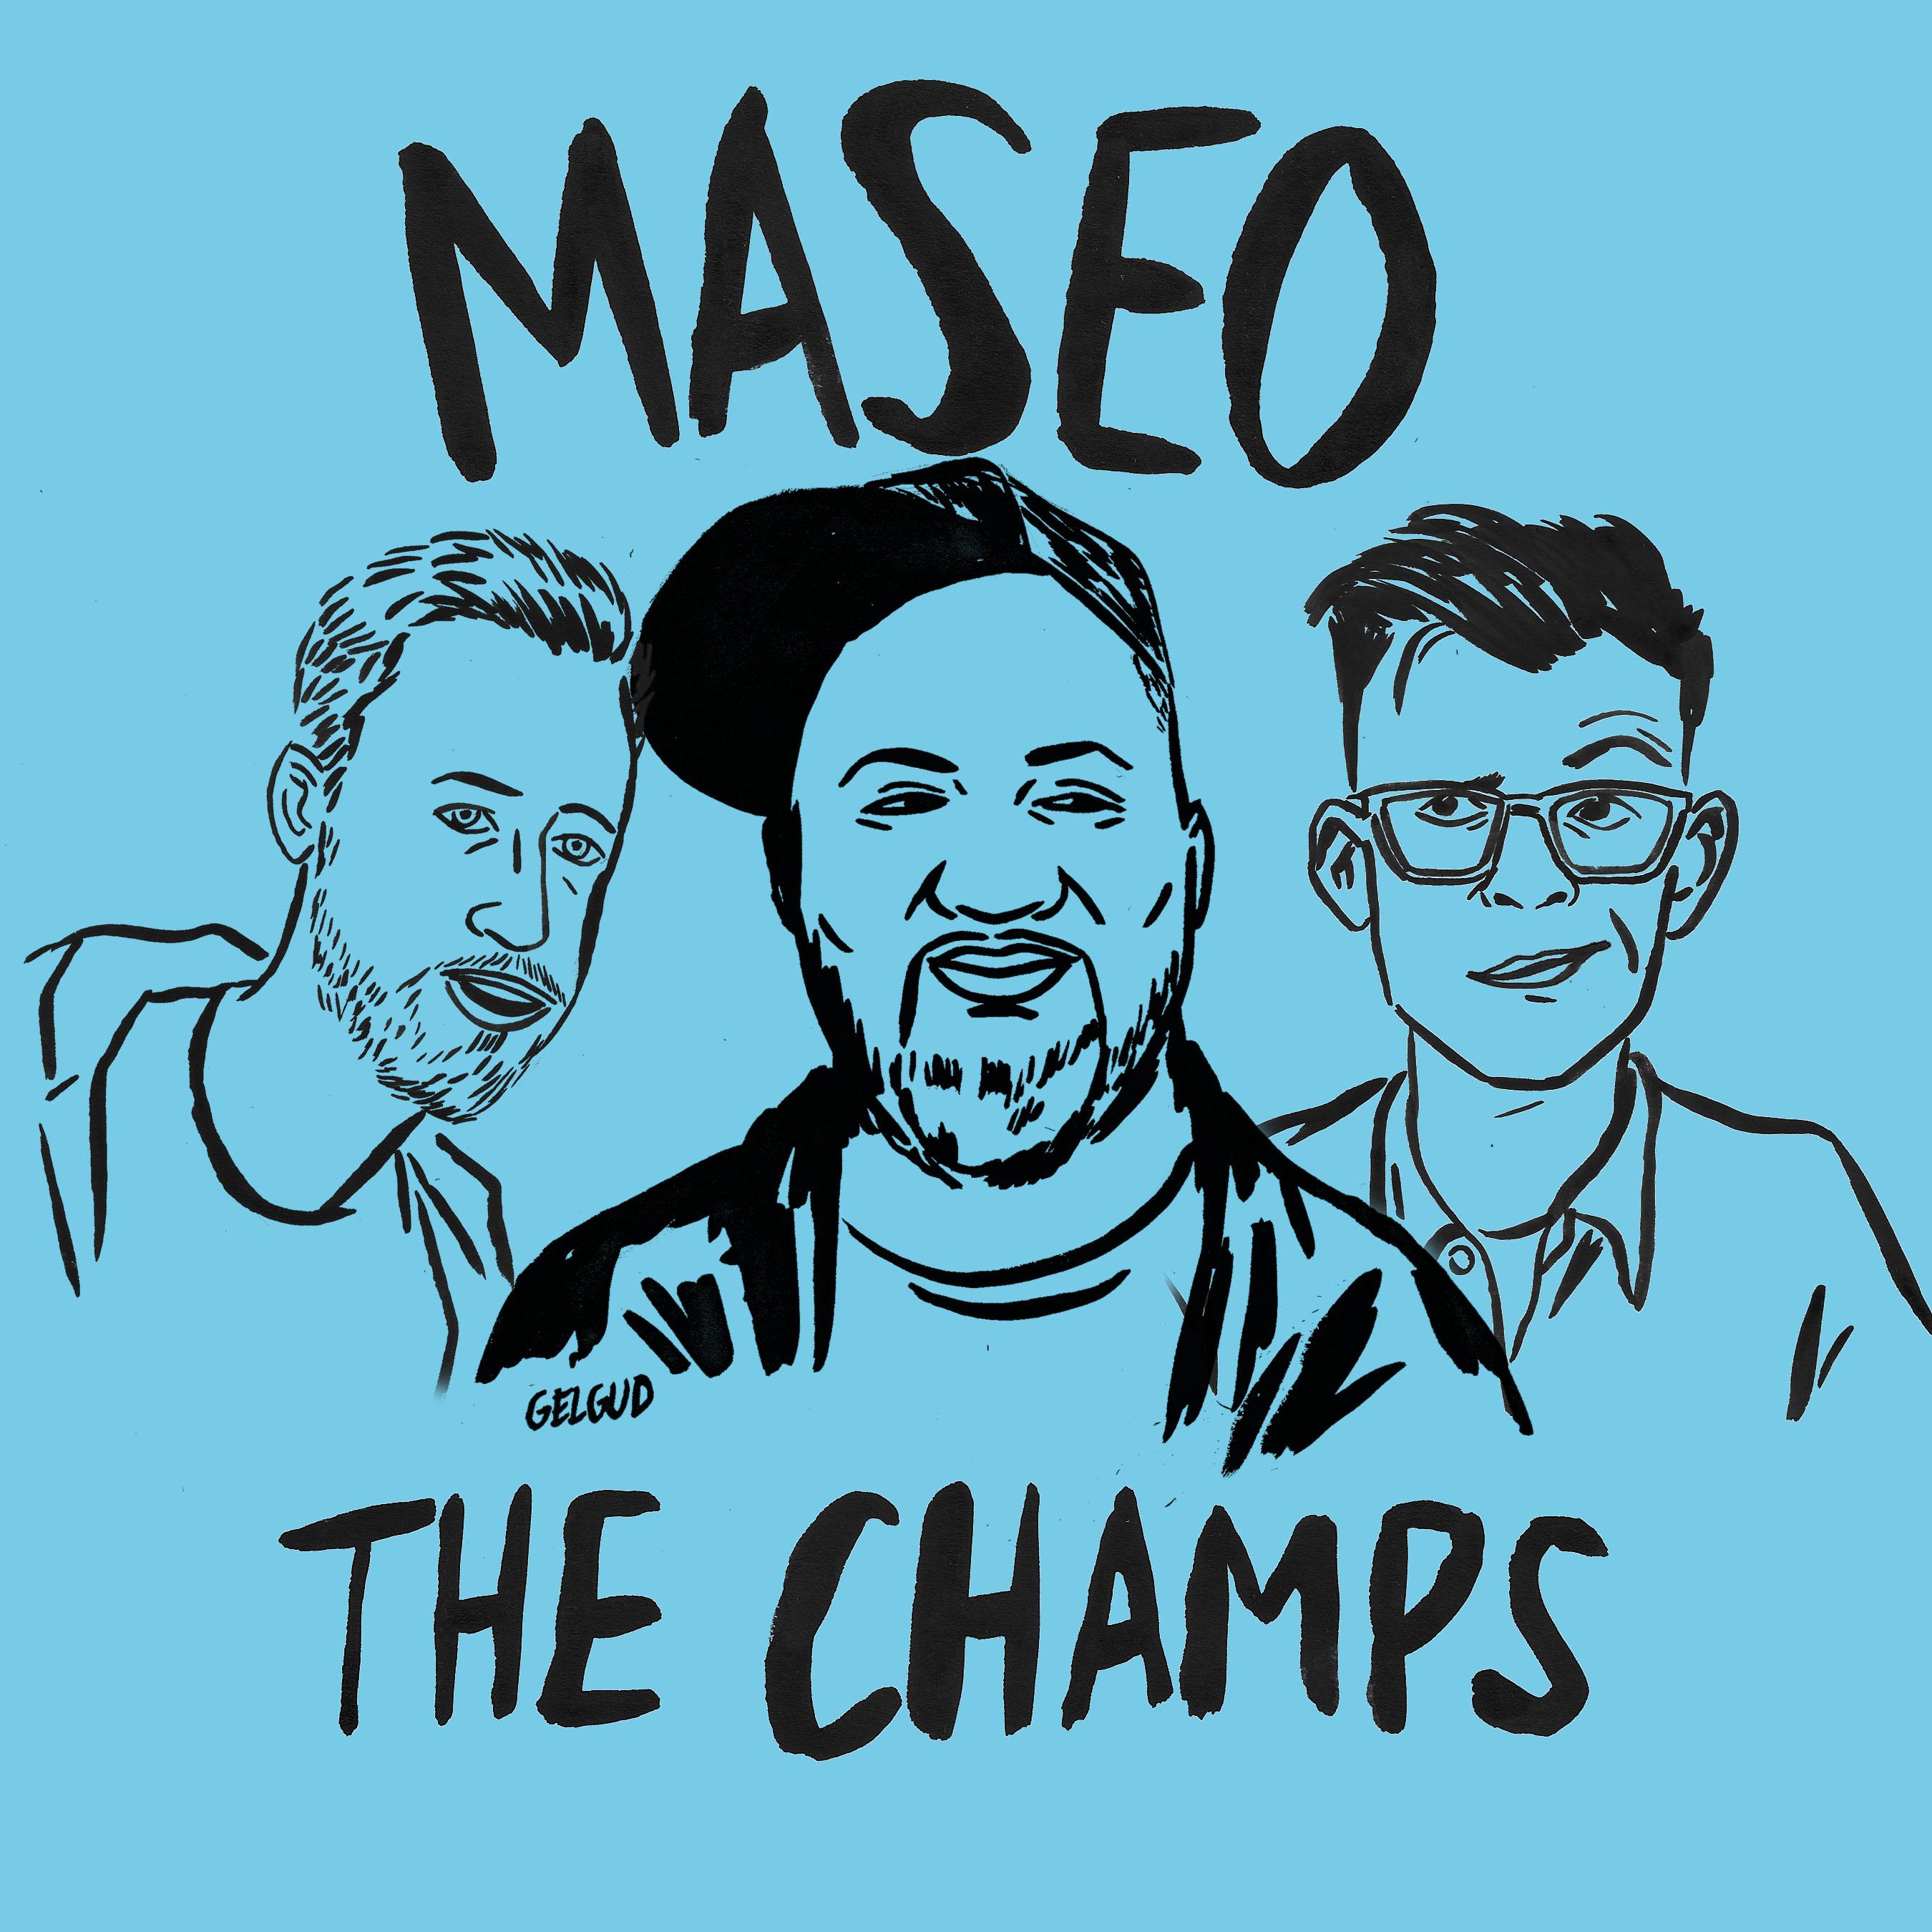 Maseo from De La Soul